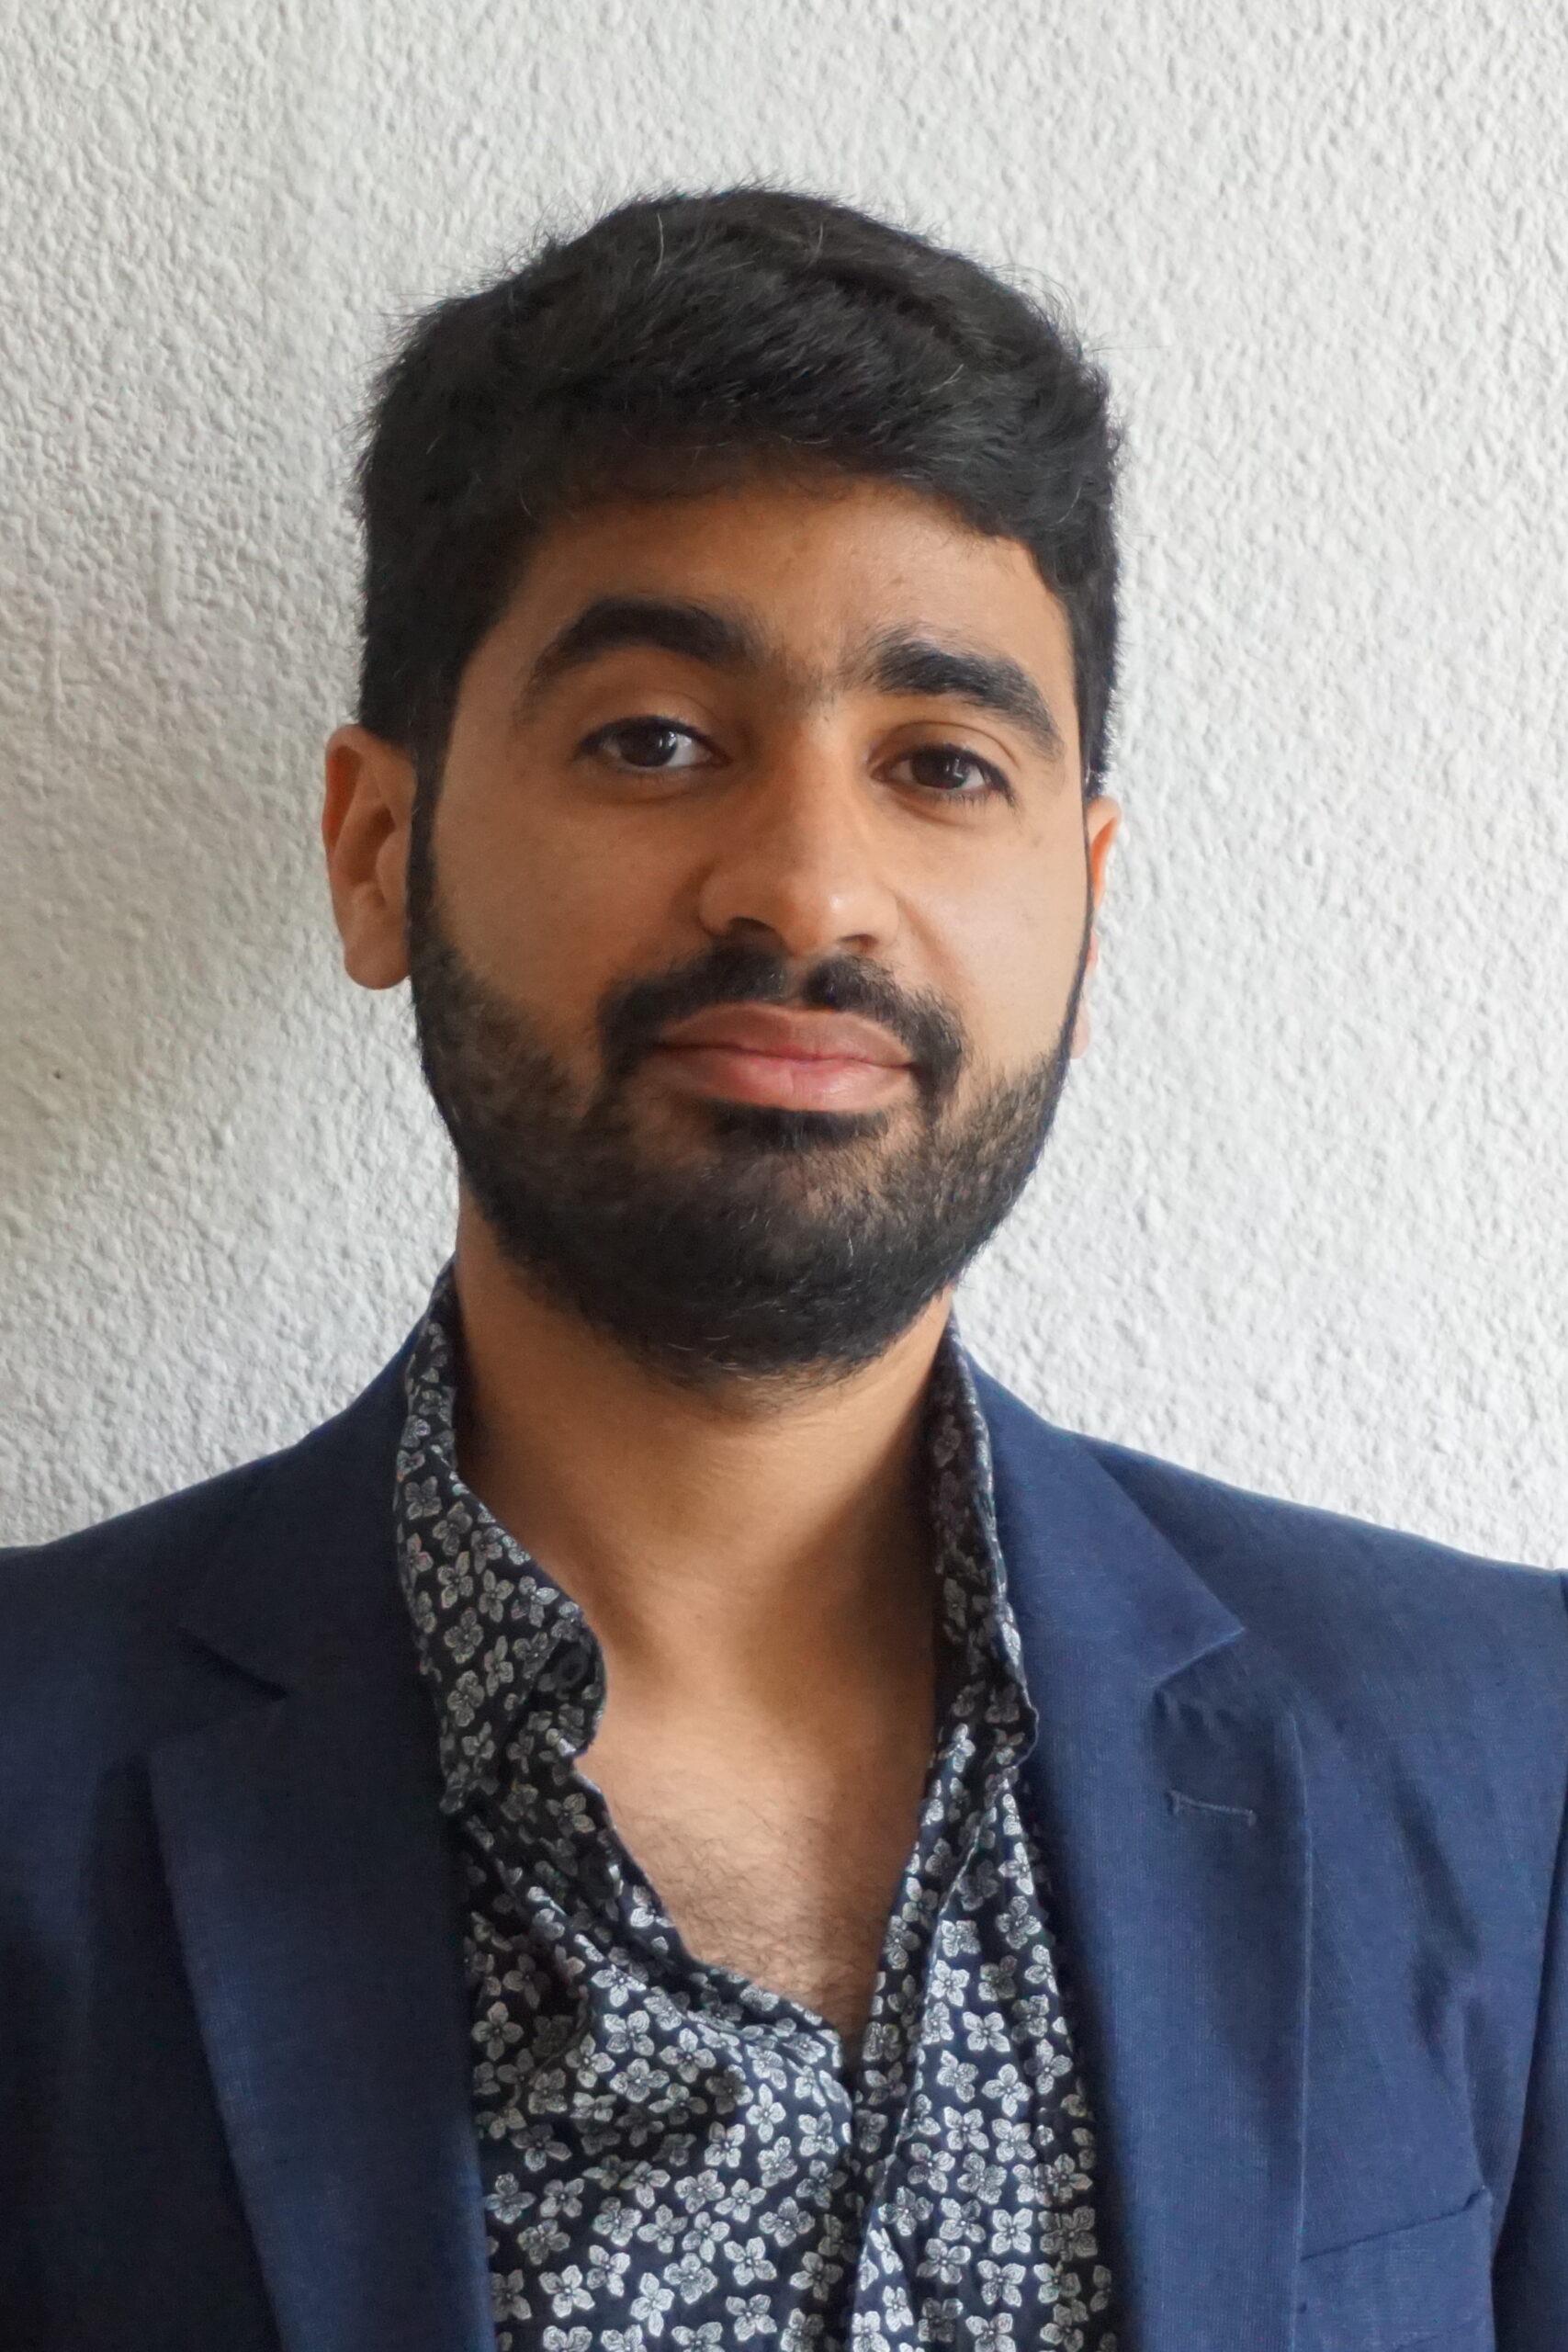 Mohamed Amjahid